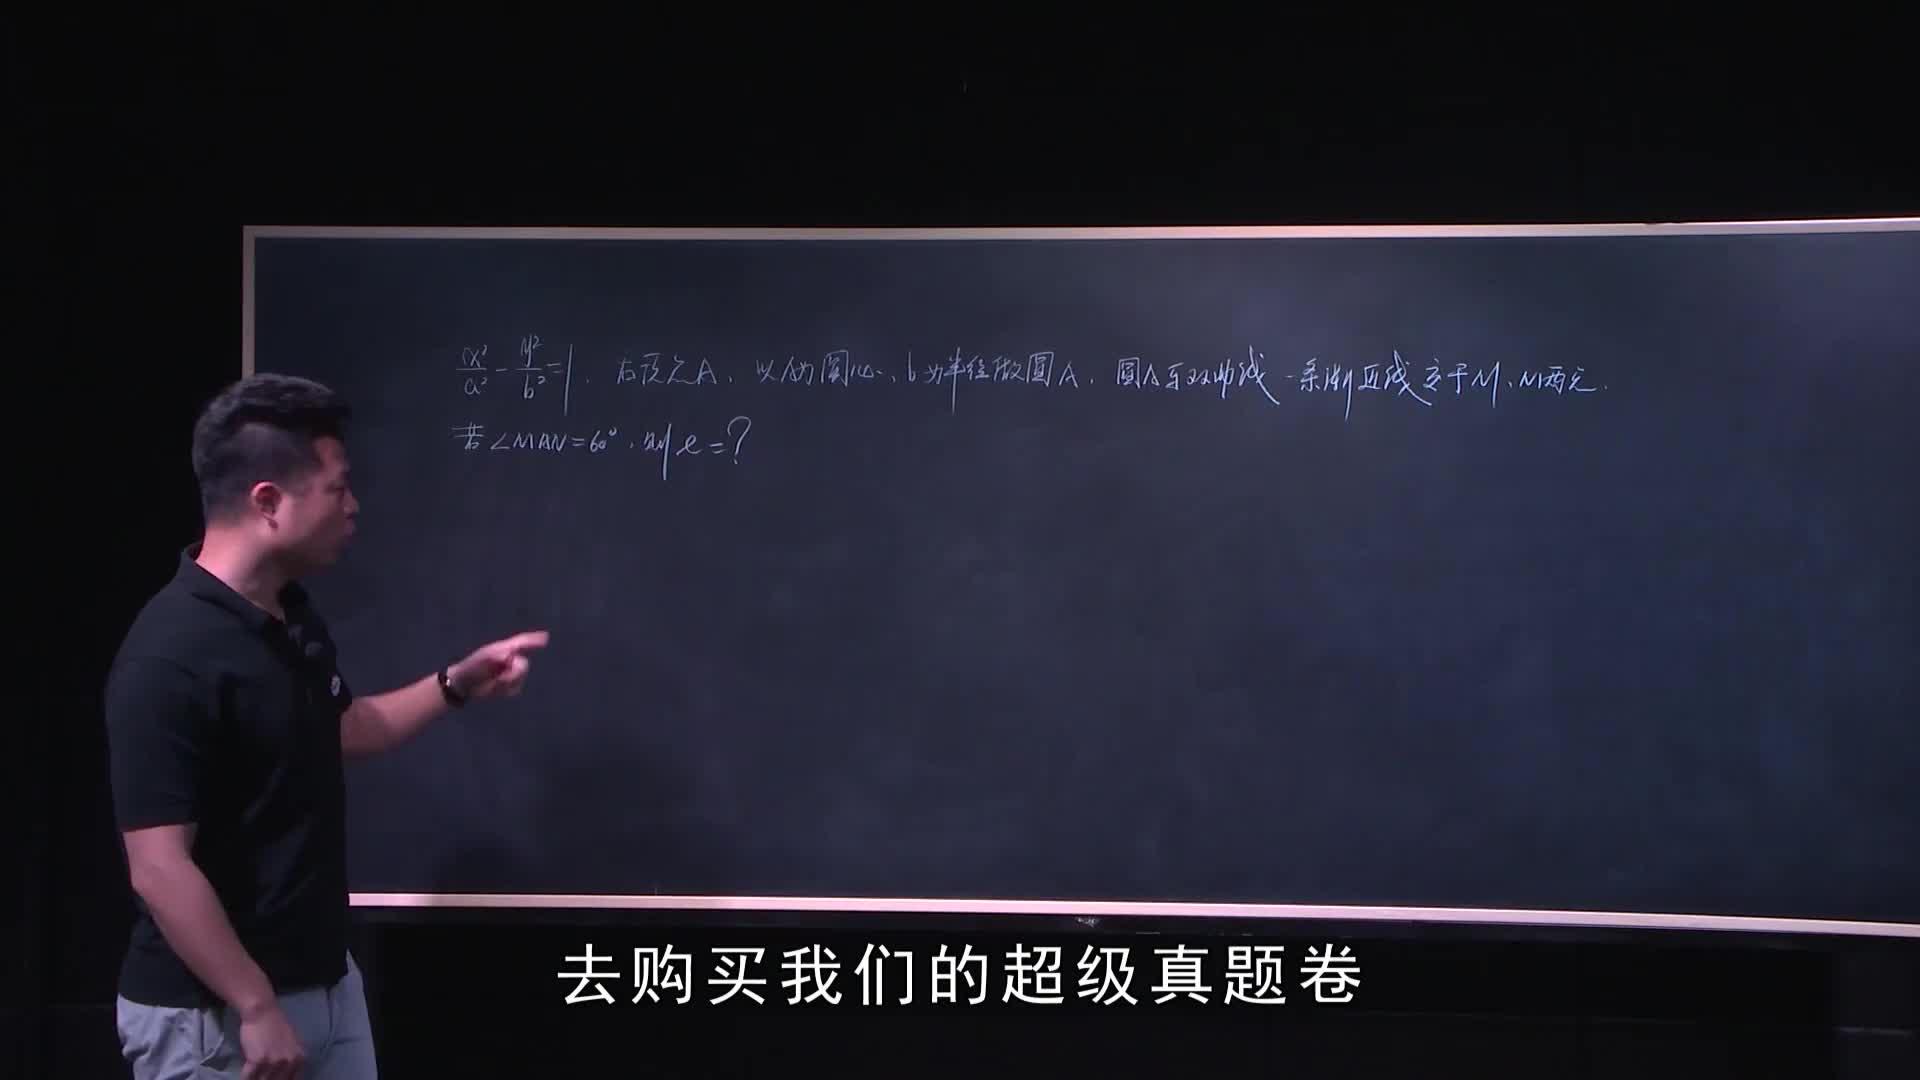 1天1道系列  3、举人段(80 - 100分)双曲线与圆相结合的求离心率问题-视频公开课